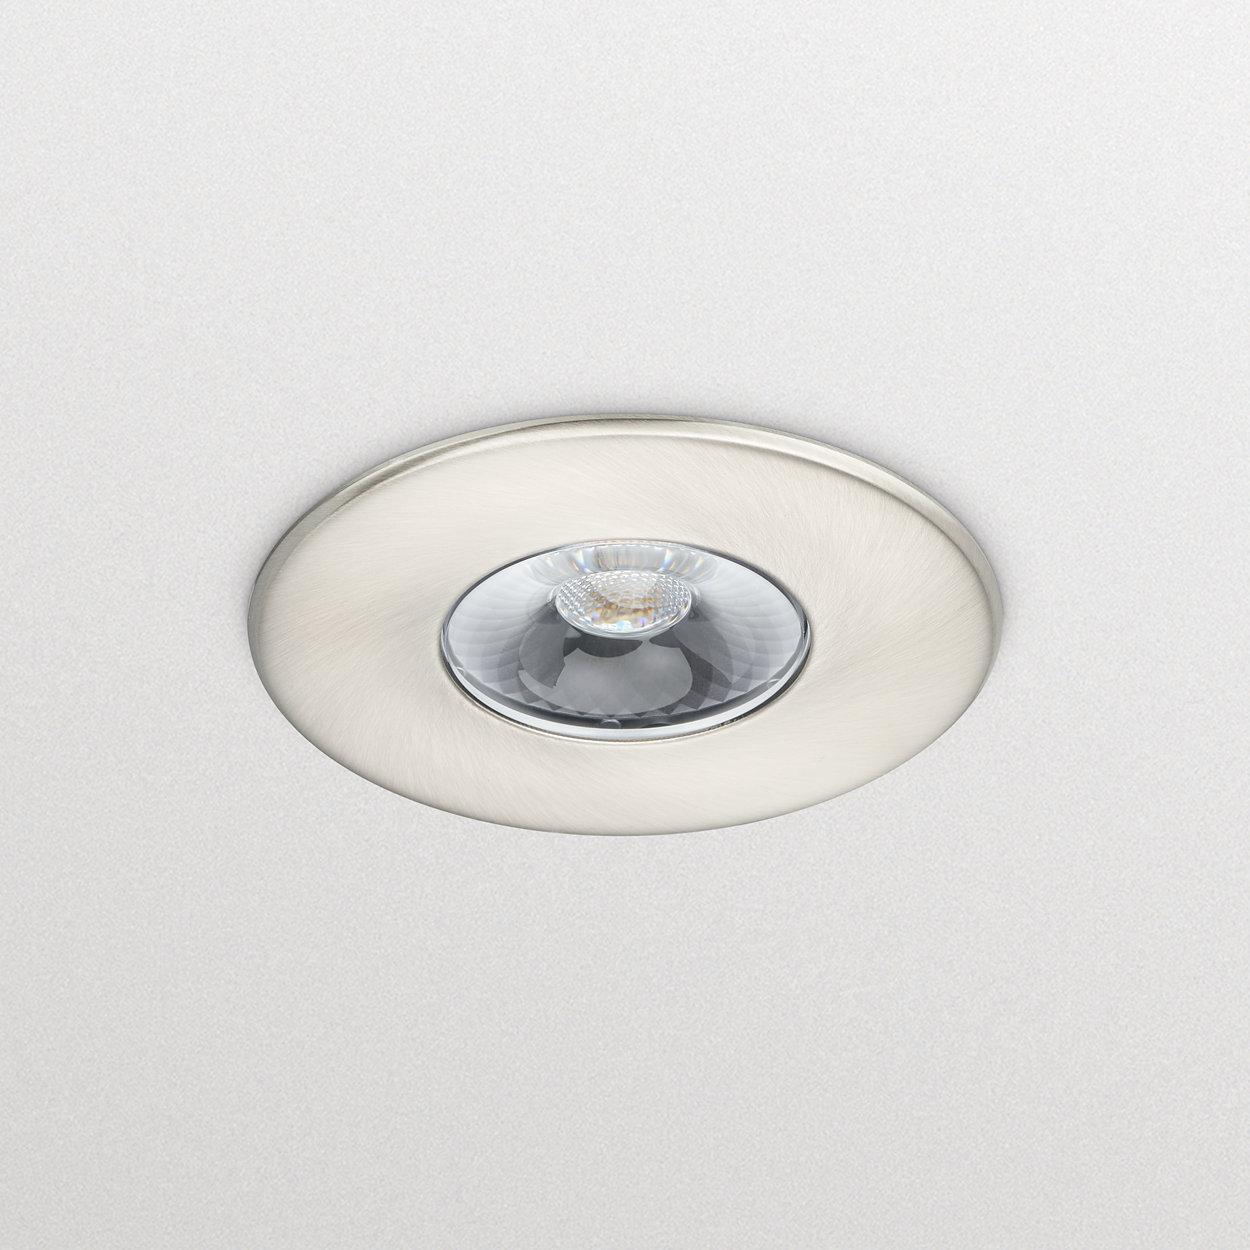 CoreLine Recessed Spot; Işığın gerçekten önemli olduğu her proje için